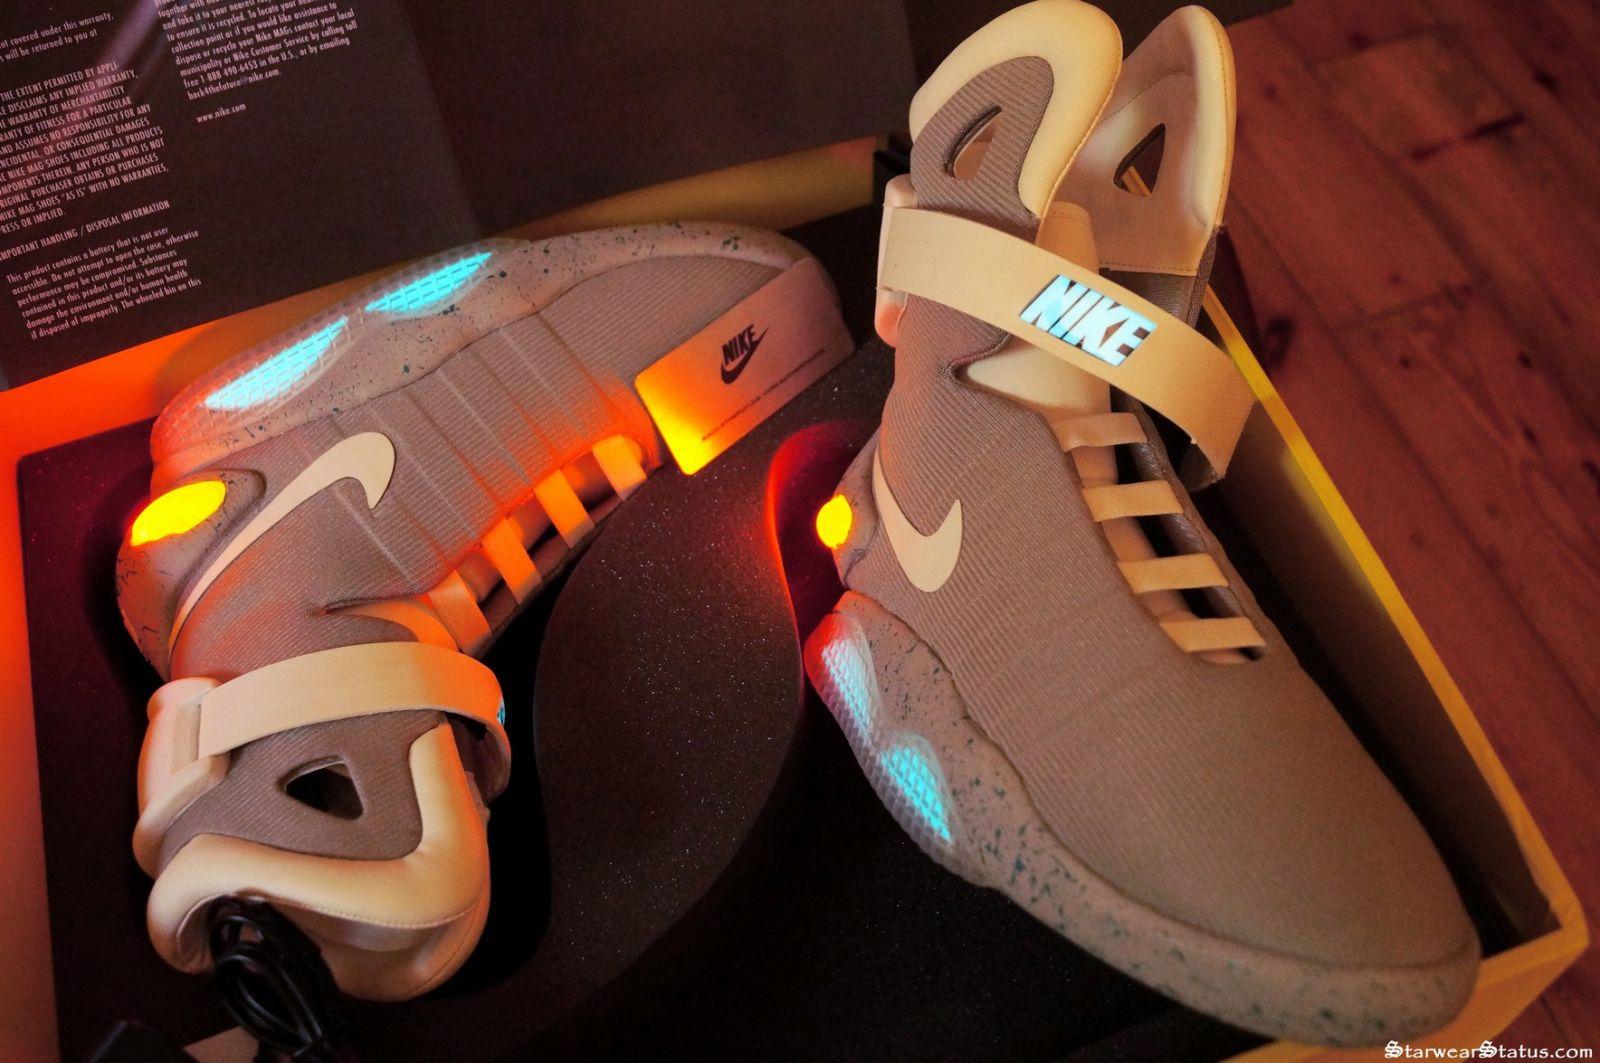 3c82fcb8e103 Csillagászati összeget fizettek egy Nike önbefűzős cipőért